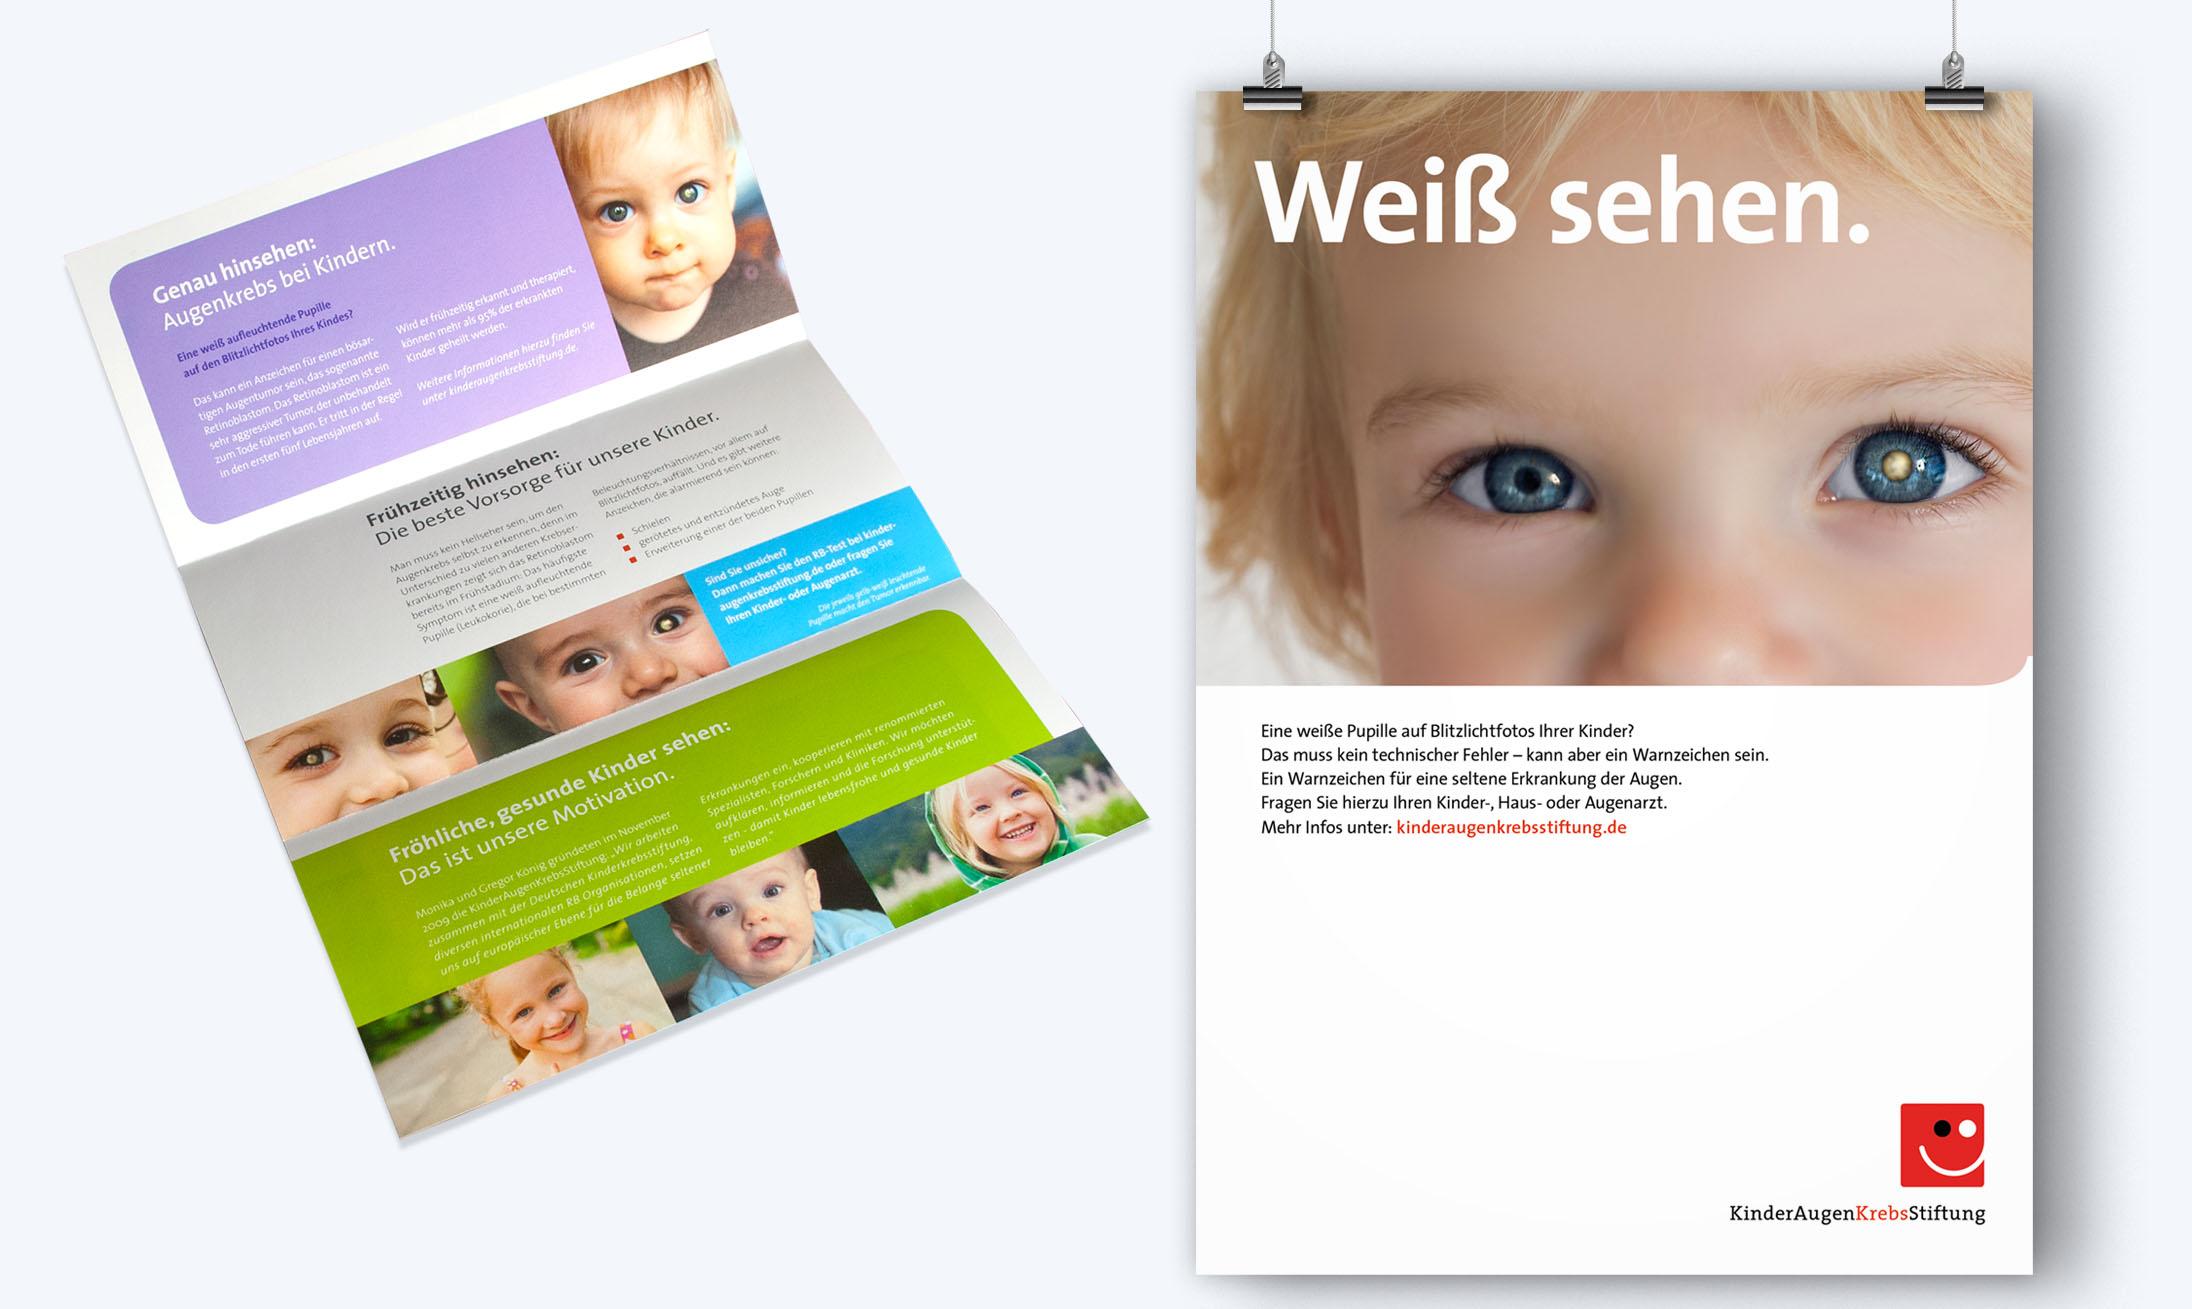 KAKS_Weiss-sehen